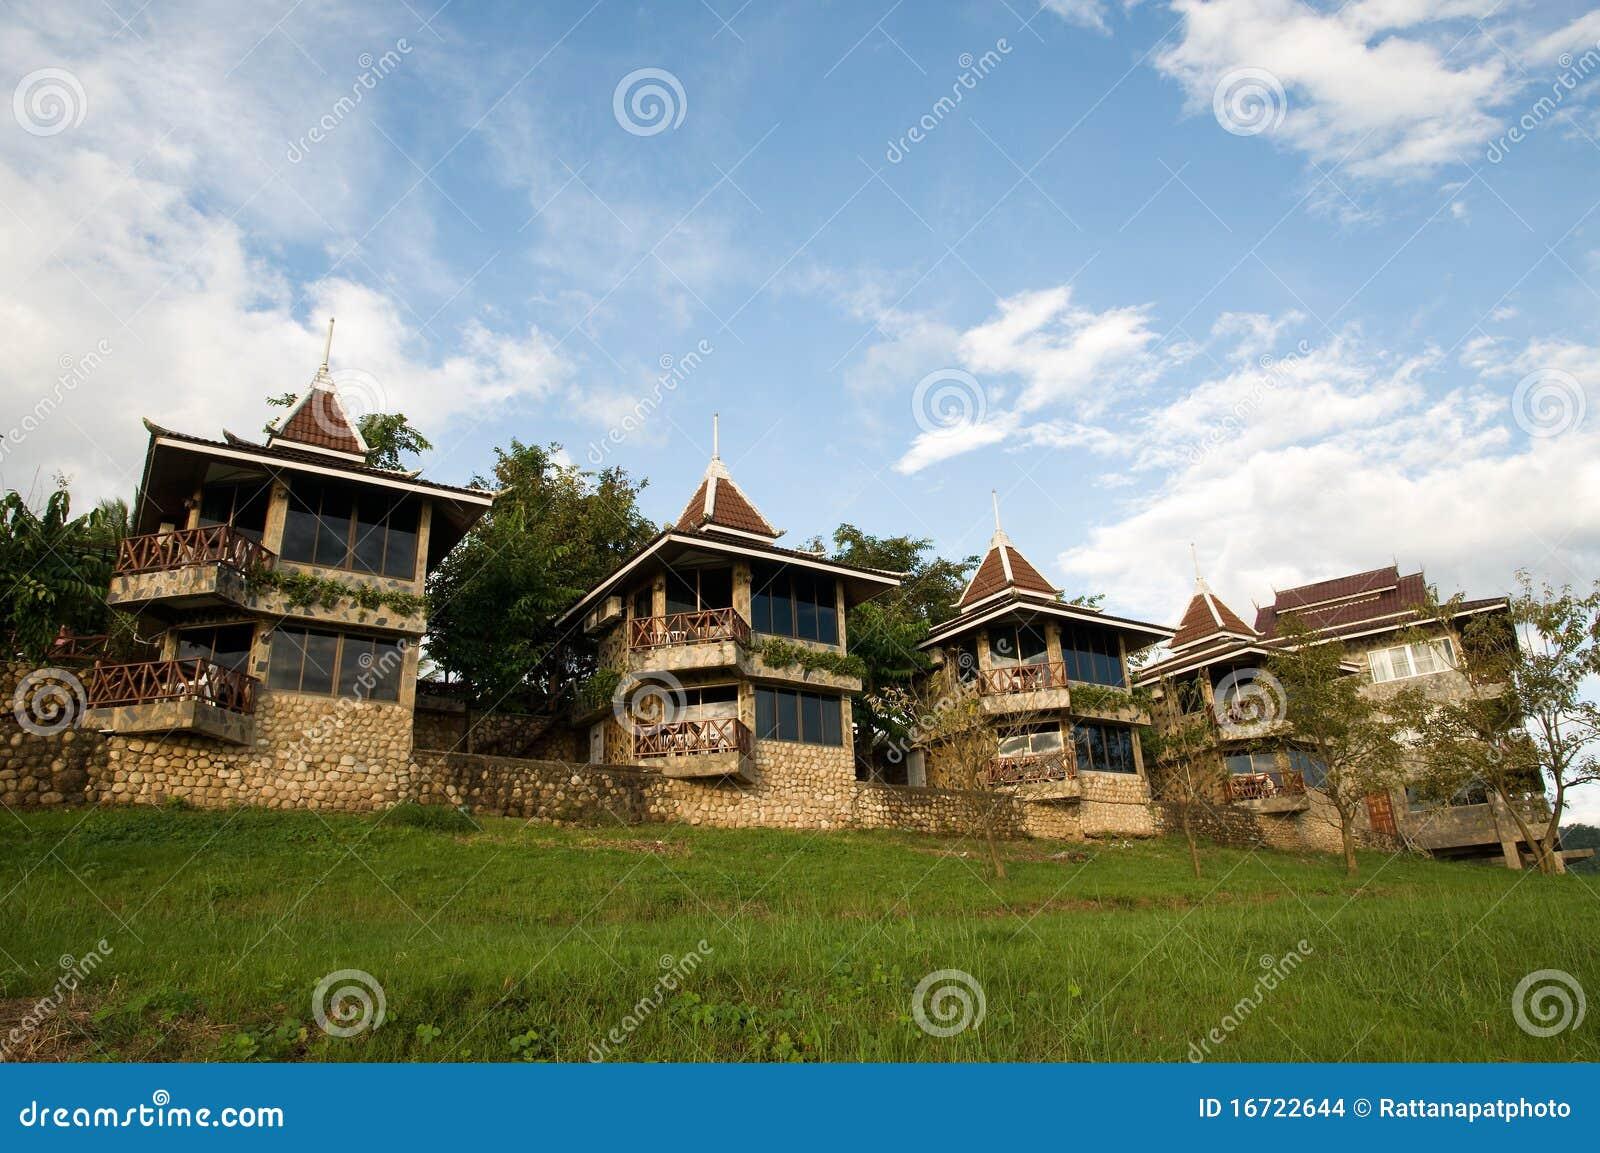 Mooi huis stock afbeeldingen afbeelding 16722644 - Mooi huis ...